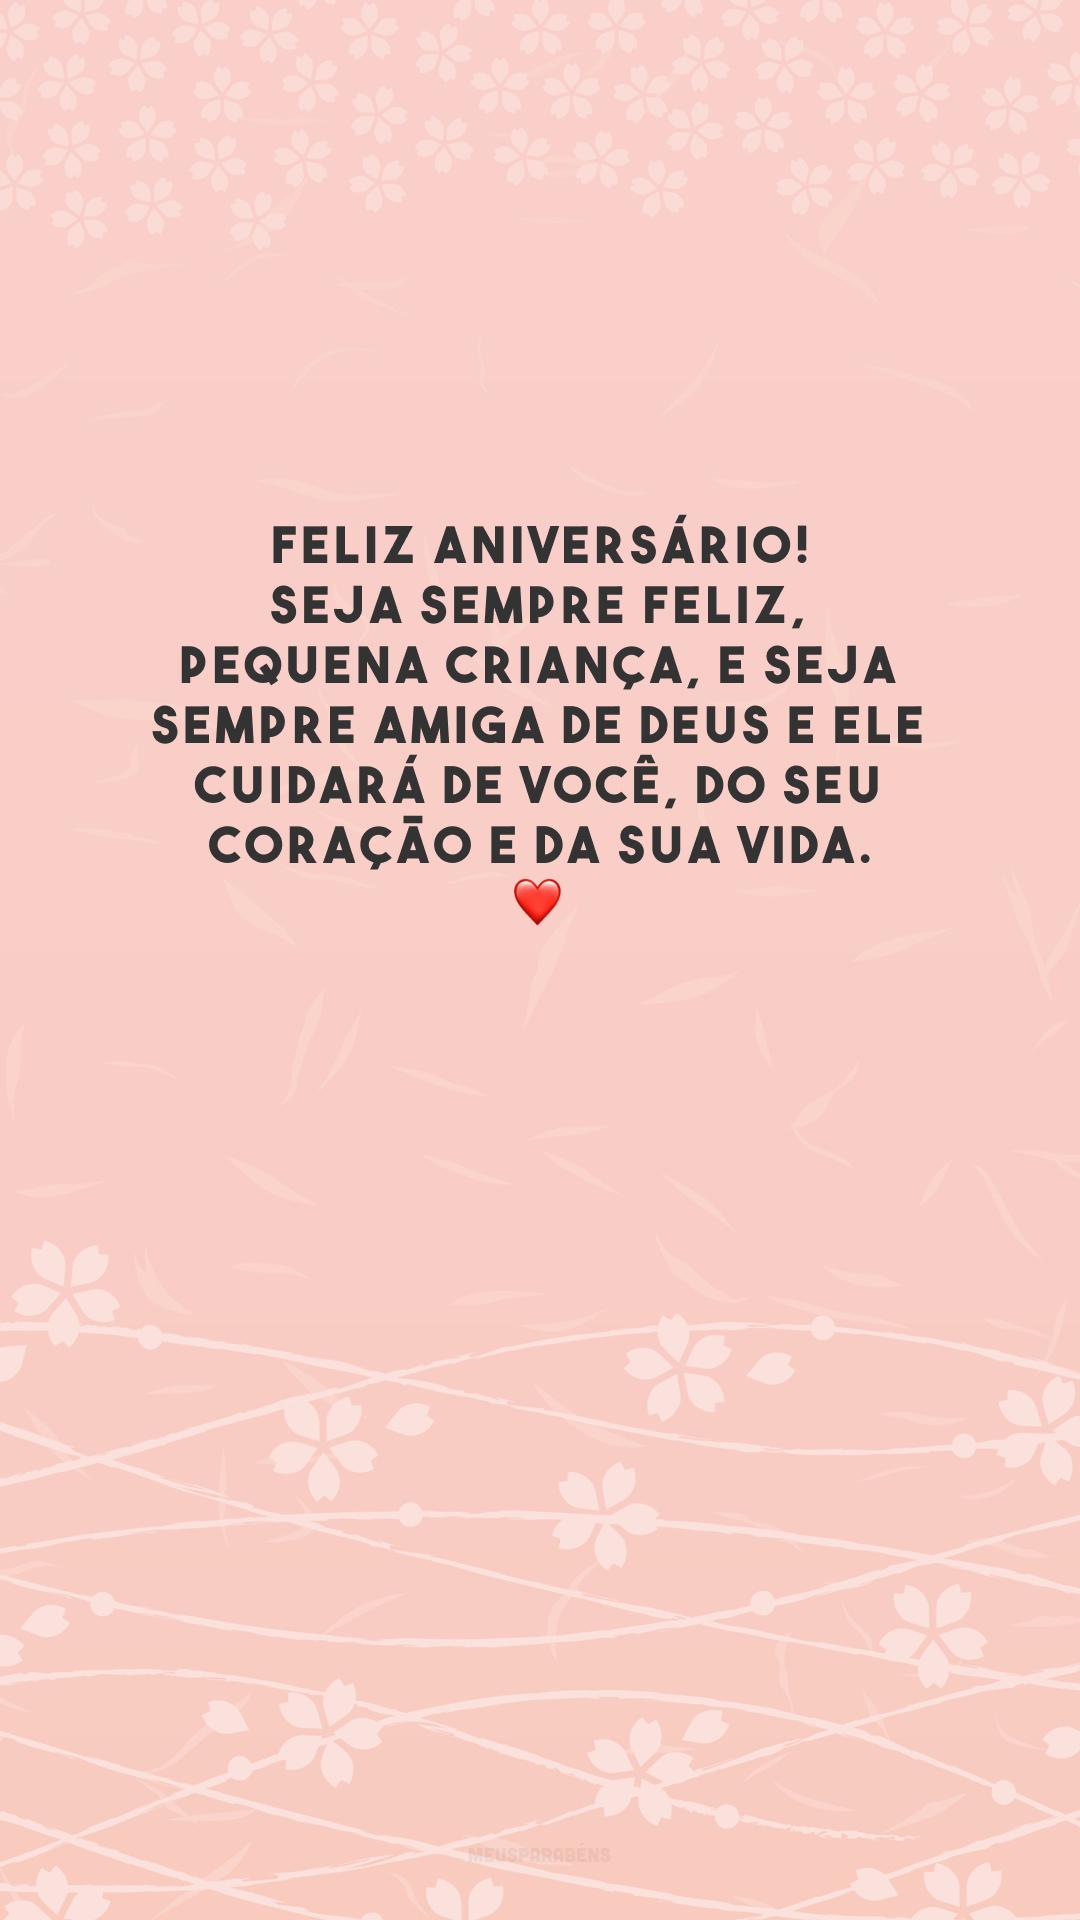 Feliz aniversário! Seja sempre feliz, pequena criança, e seja sempre amiga de Deus e Ele cuidará de você, do seu coração e da sua vida. ❤️